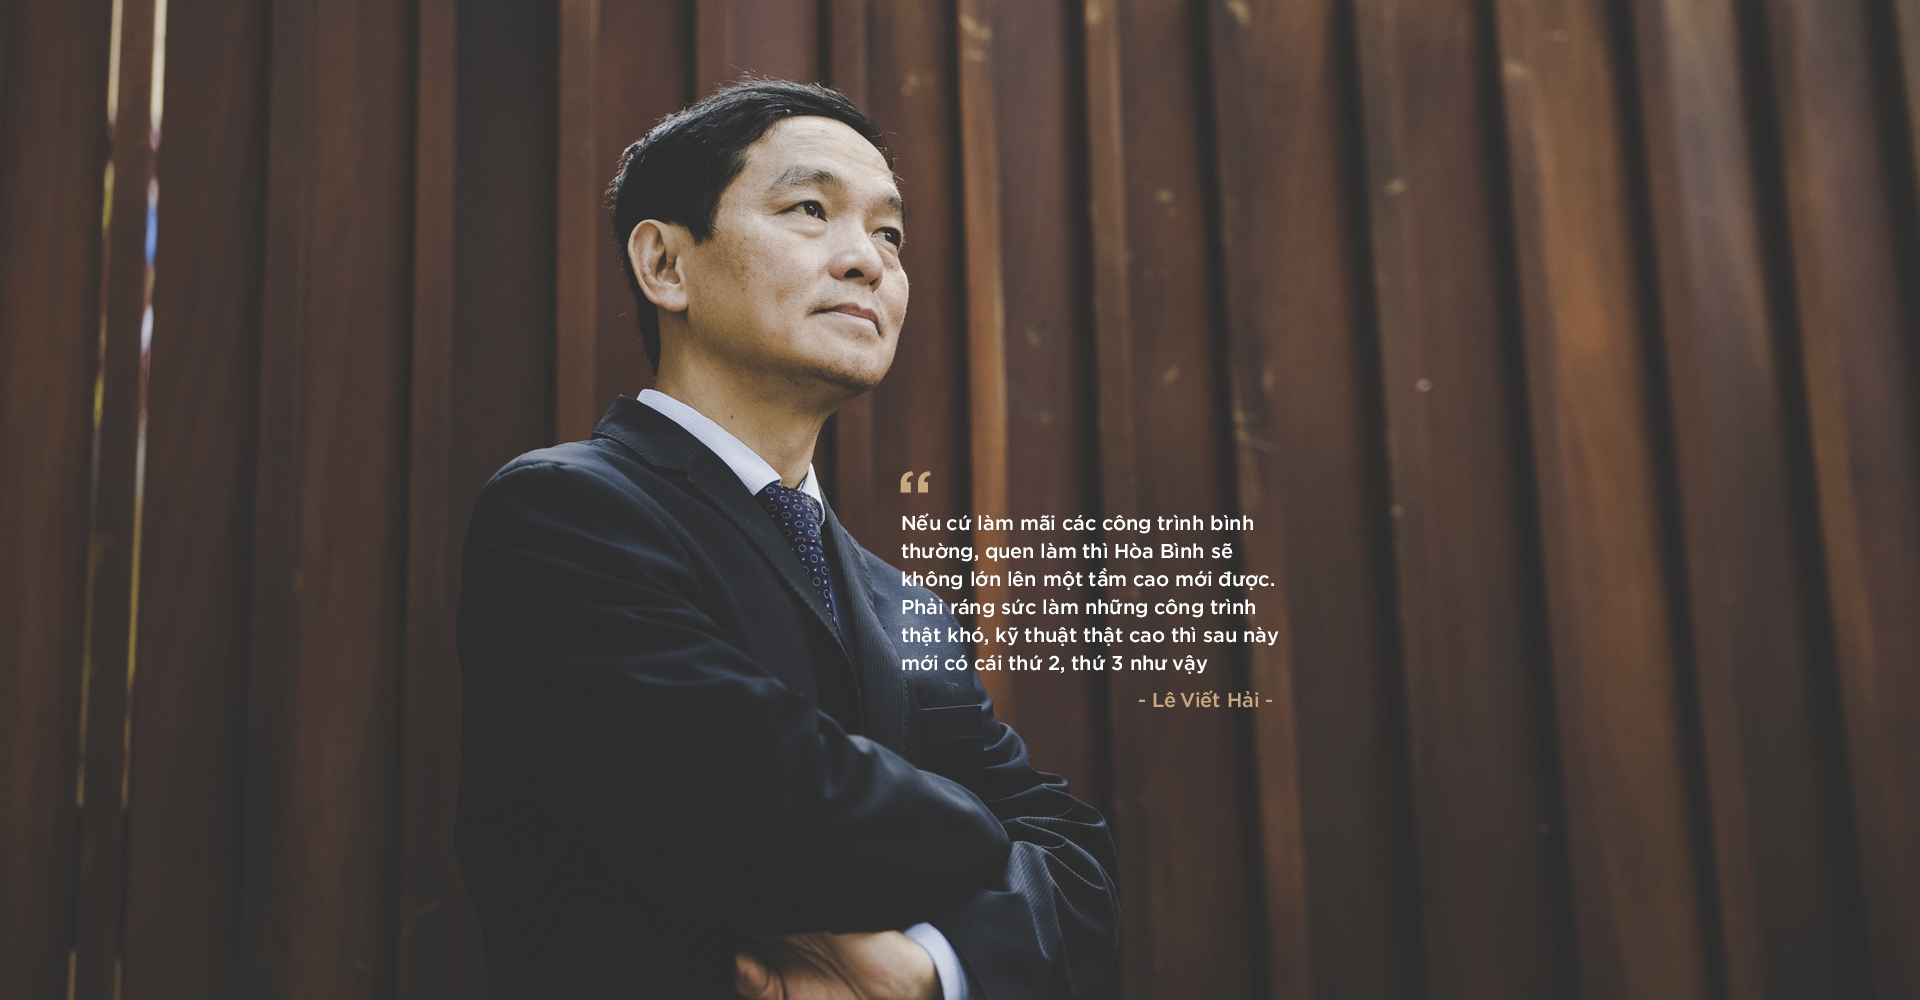 Chủ tịch HĐQT Hòa Bình (HBC): Khi địa ốc đã qua thời bùng nổ mới tính chuyện đi nước ngoài thì đã muộn rồi - Ảnh 6.